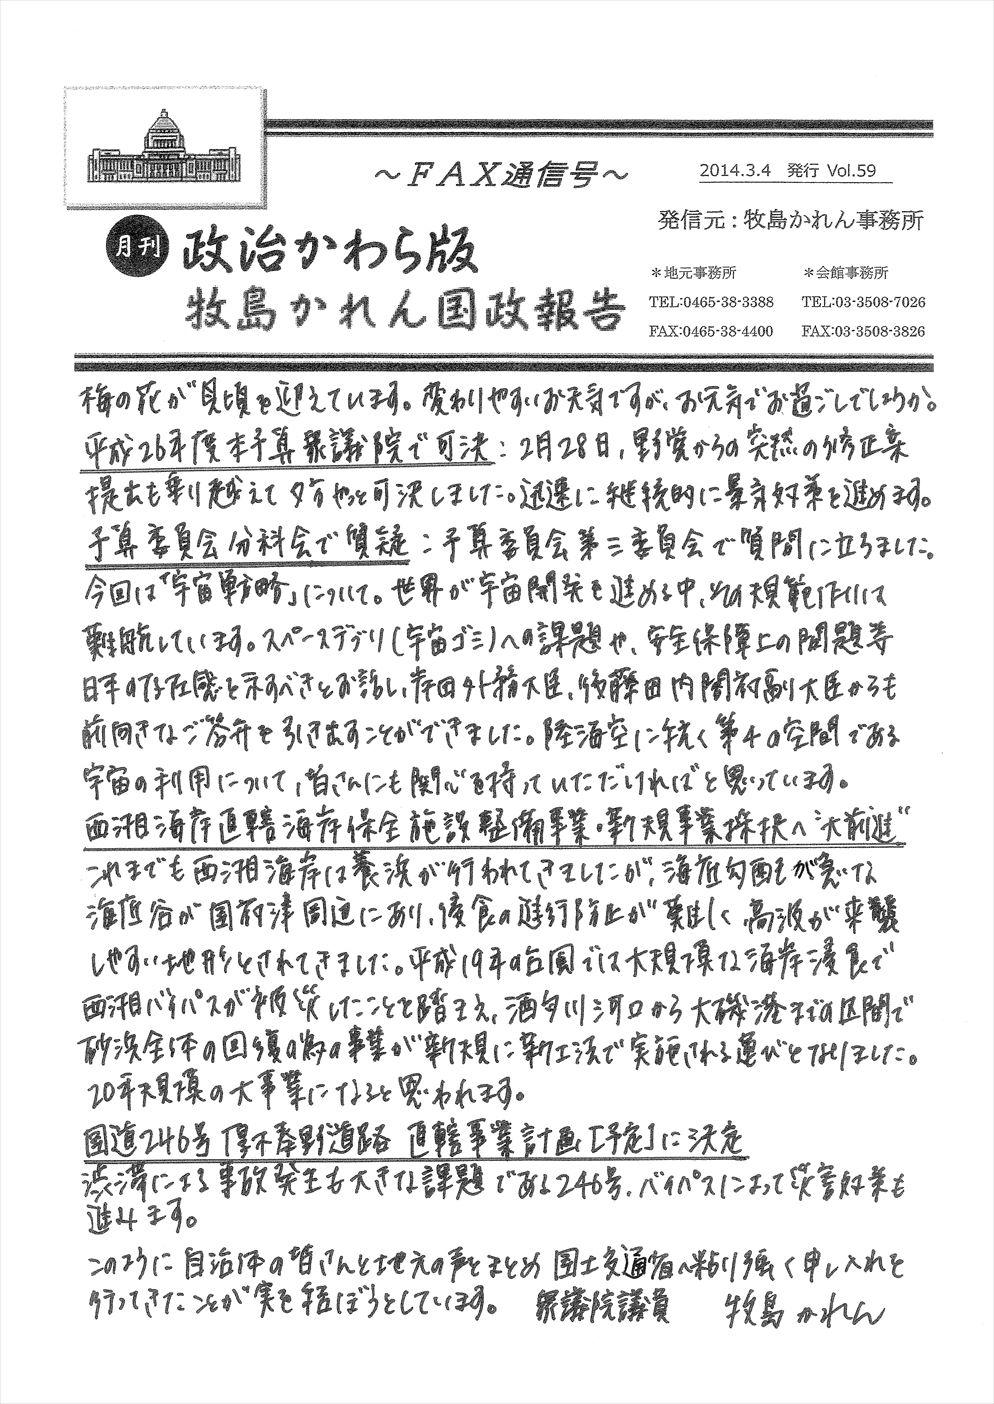 牧島かれん 政治かわら版3月号 Vol.59